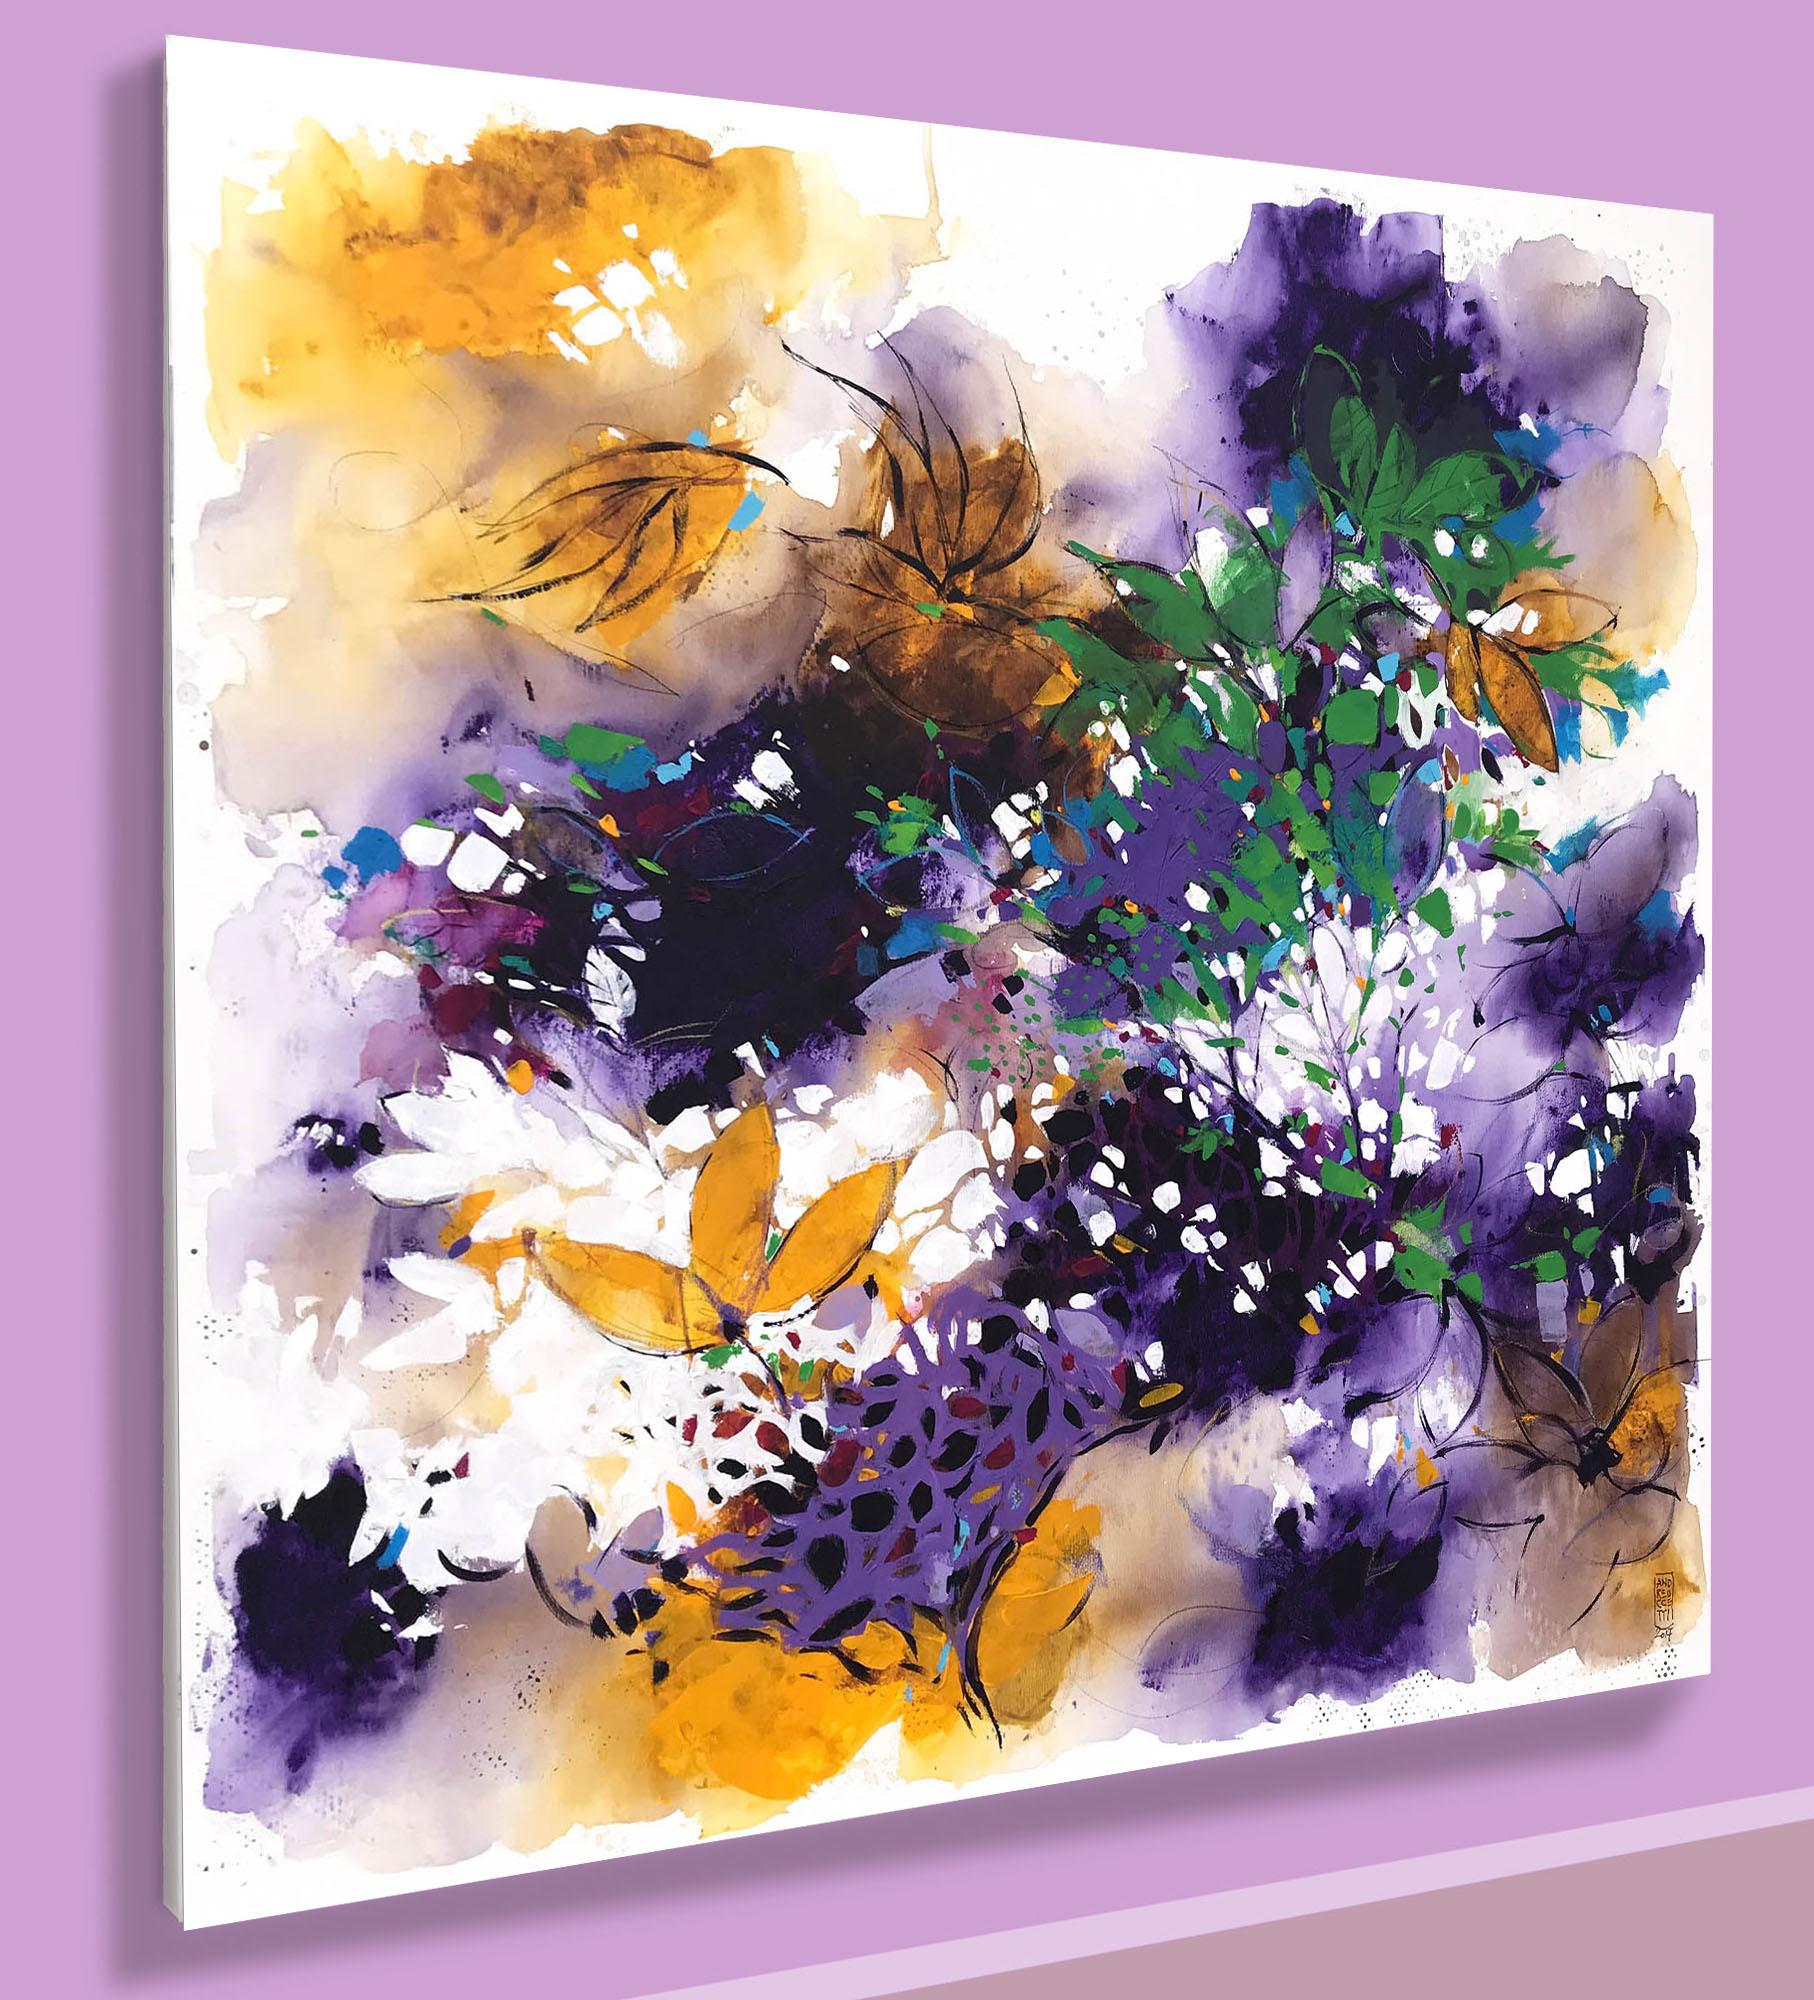 Violet - La luce tra le foglie